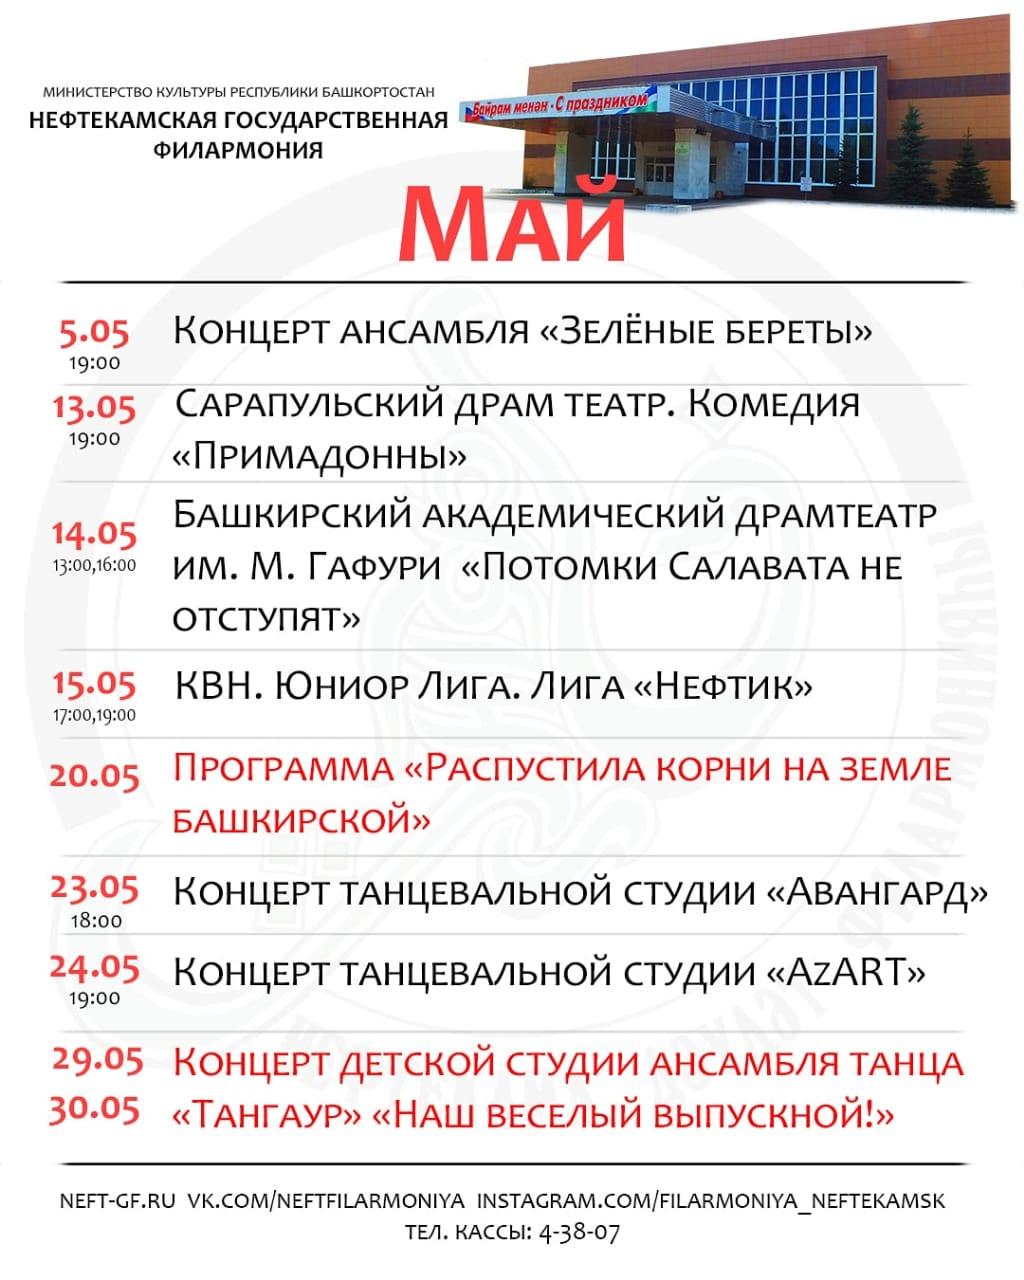 Репертуар Нефтекамской государственной филармонии тона май 2021г.